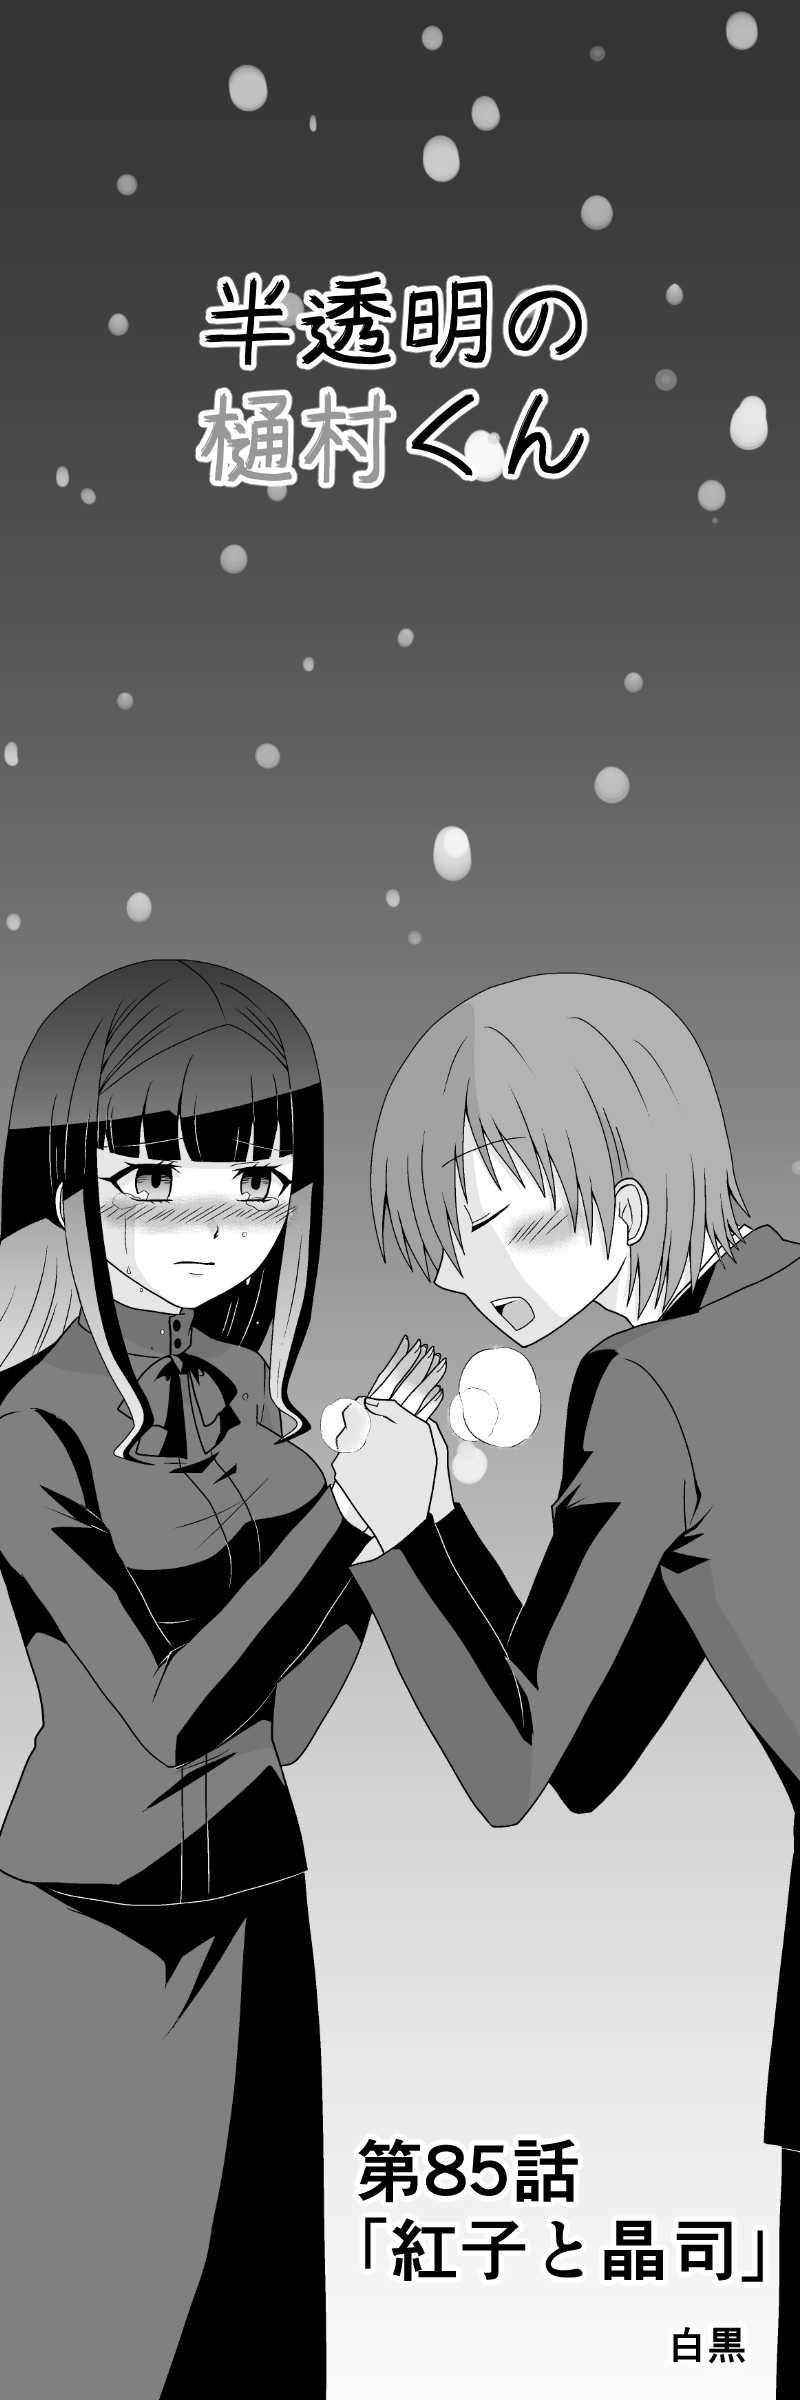 紅子と晶司